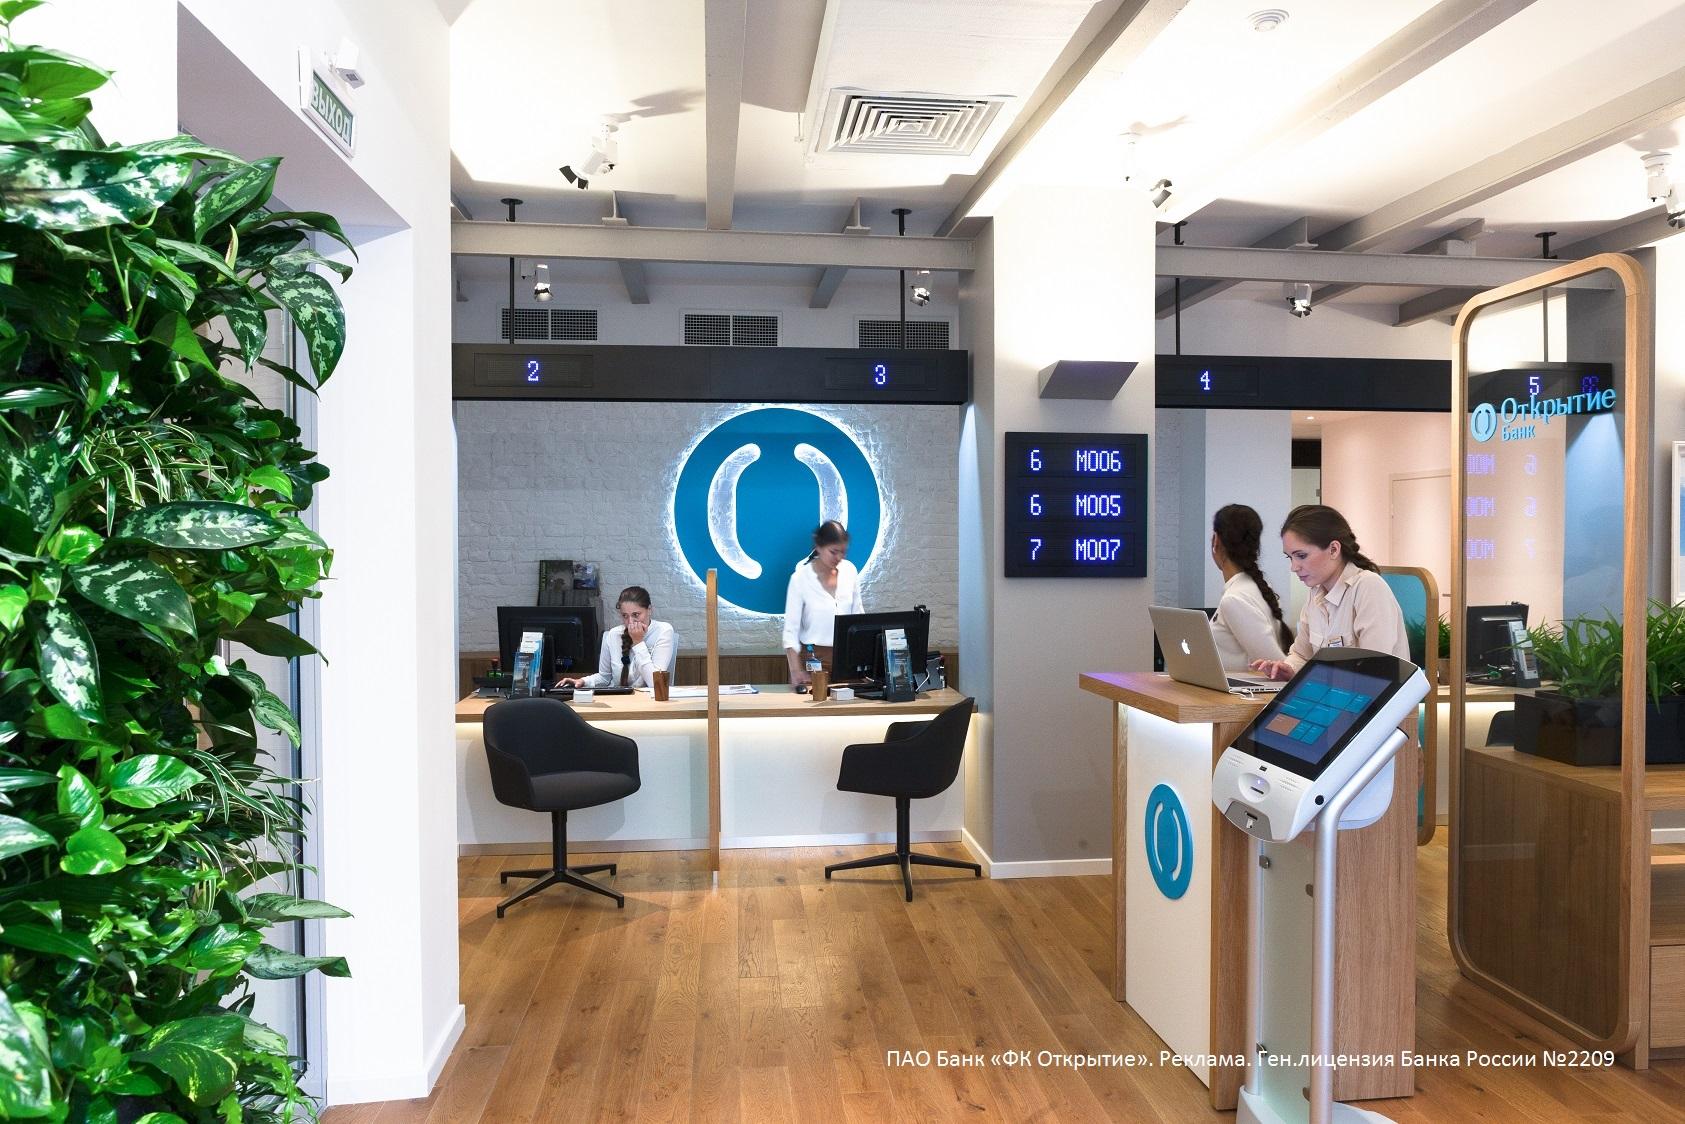 Банк «Открытие» вошел в ТОП-3 банков на рынке ипотеки вторичной недвижимости